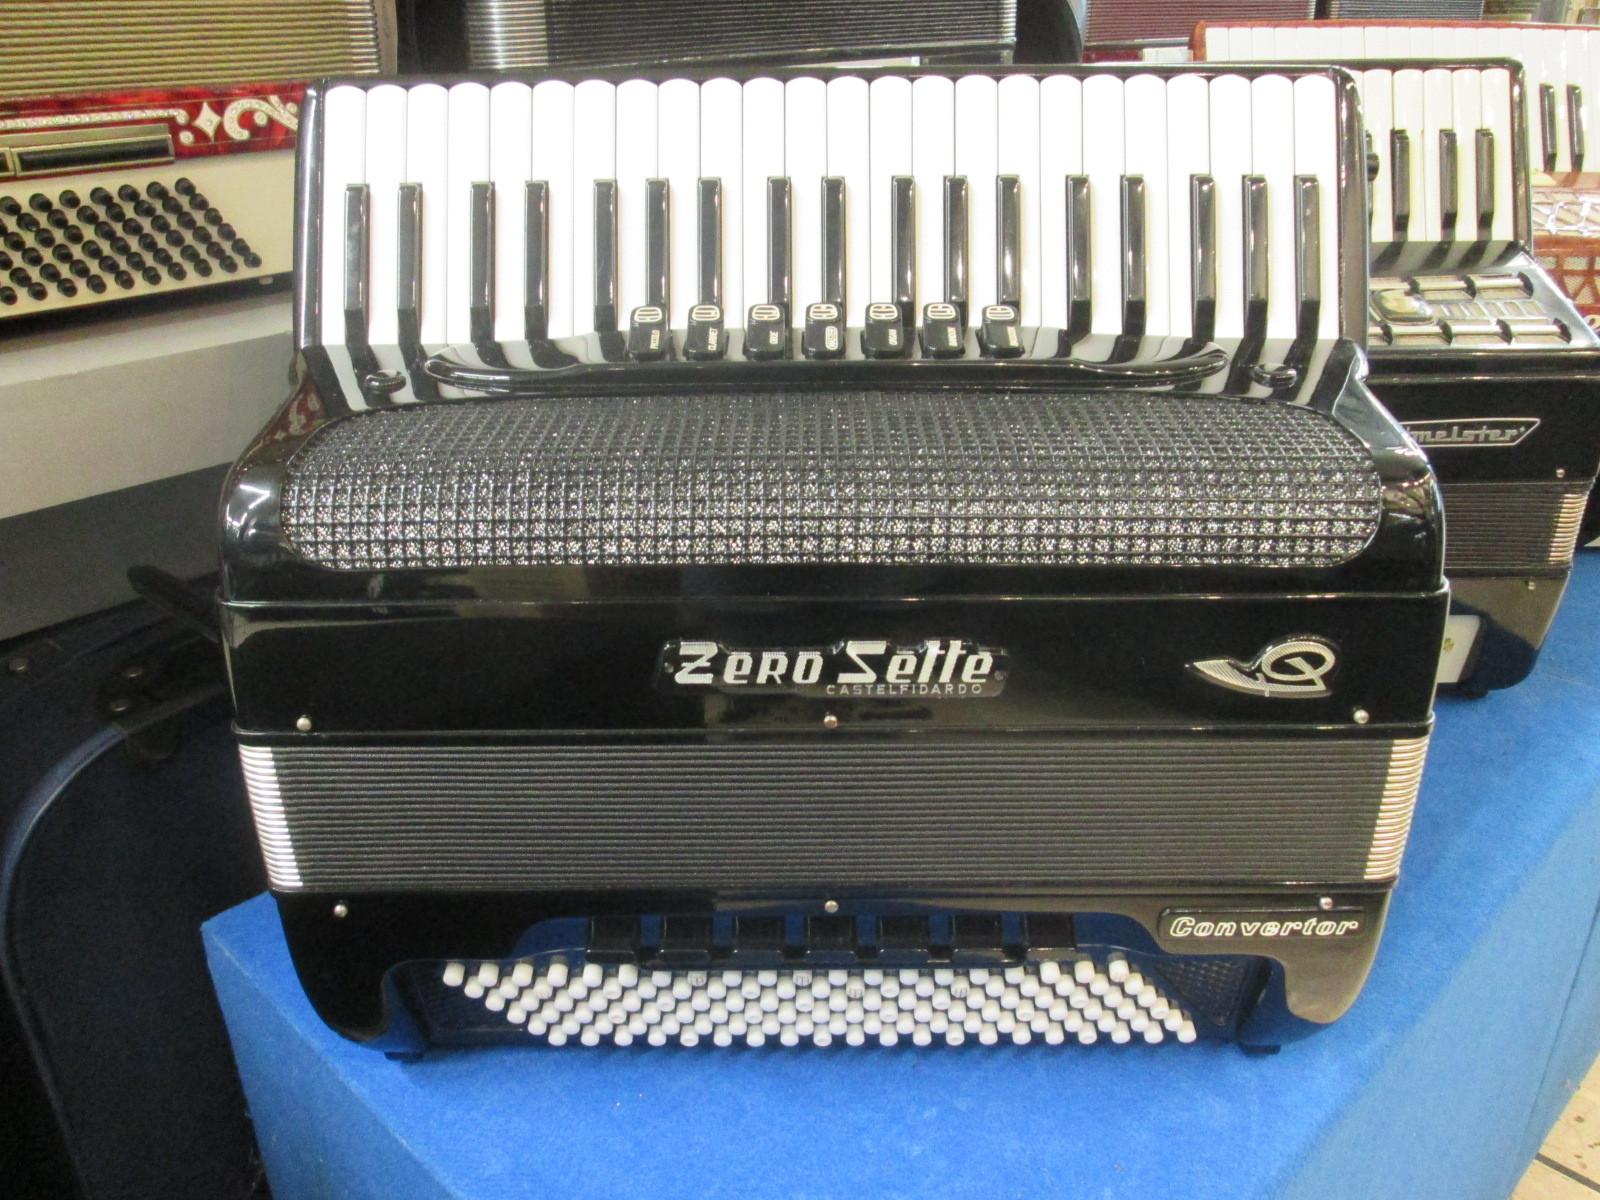 Zerosette mod. b convertor fisarmonica 120 bassi a. piazzo s.r.l.